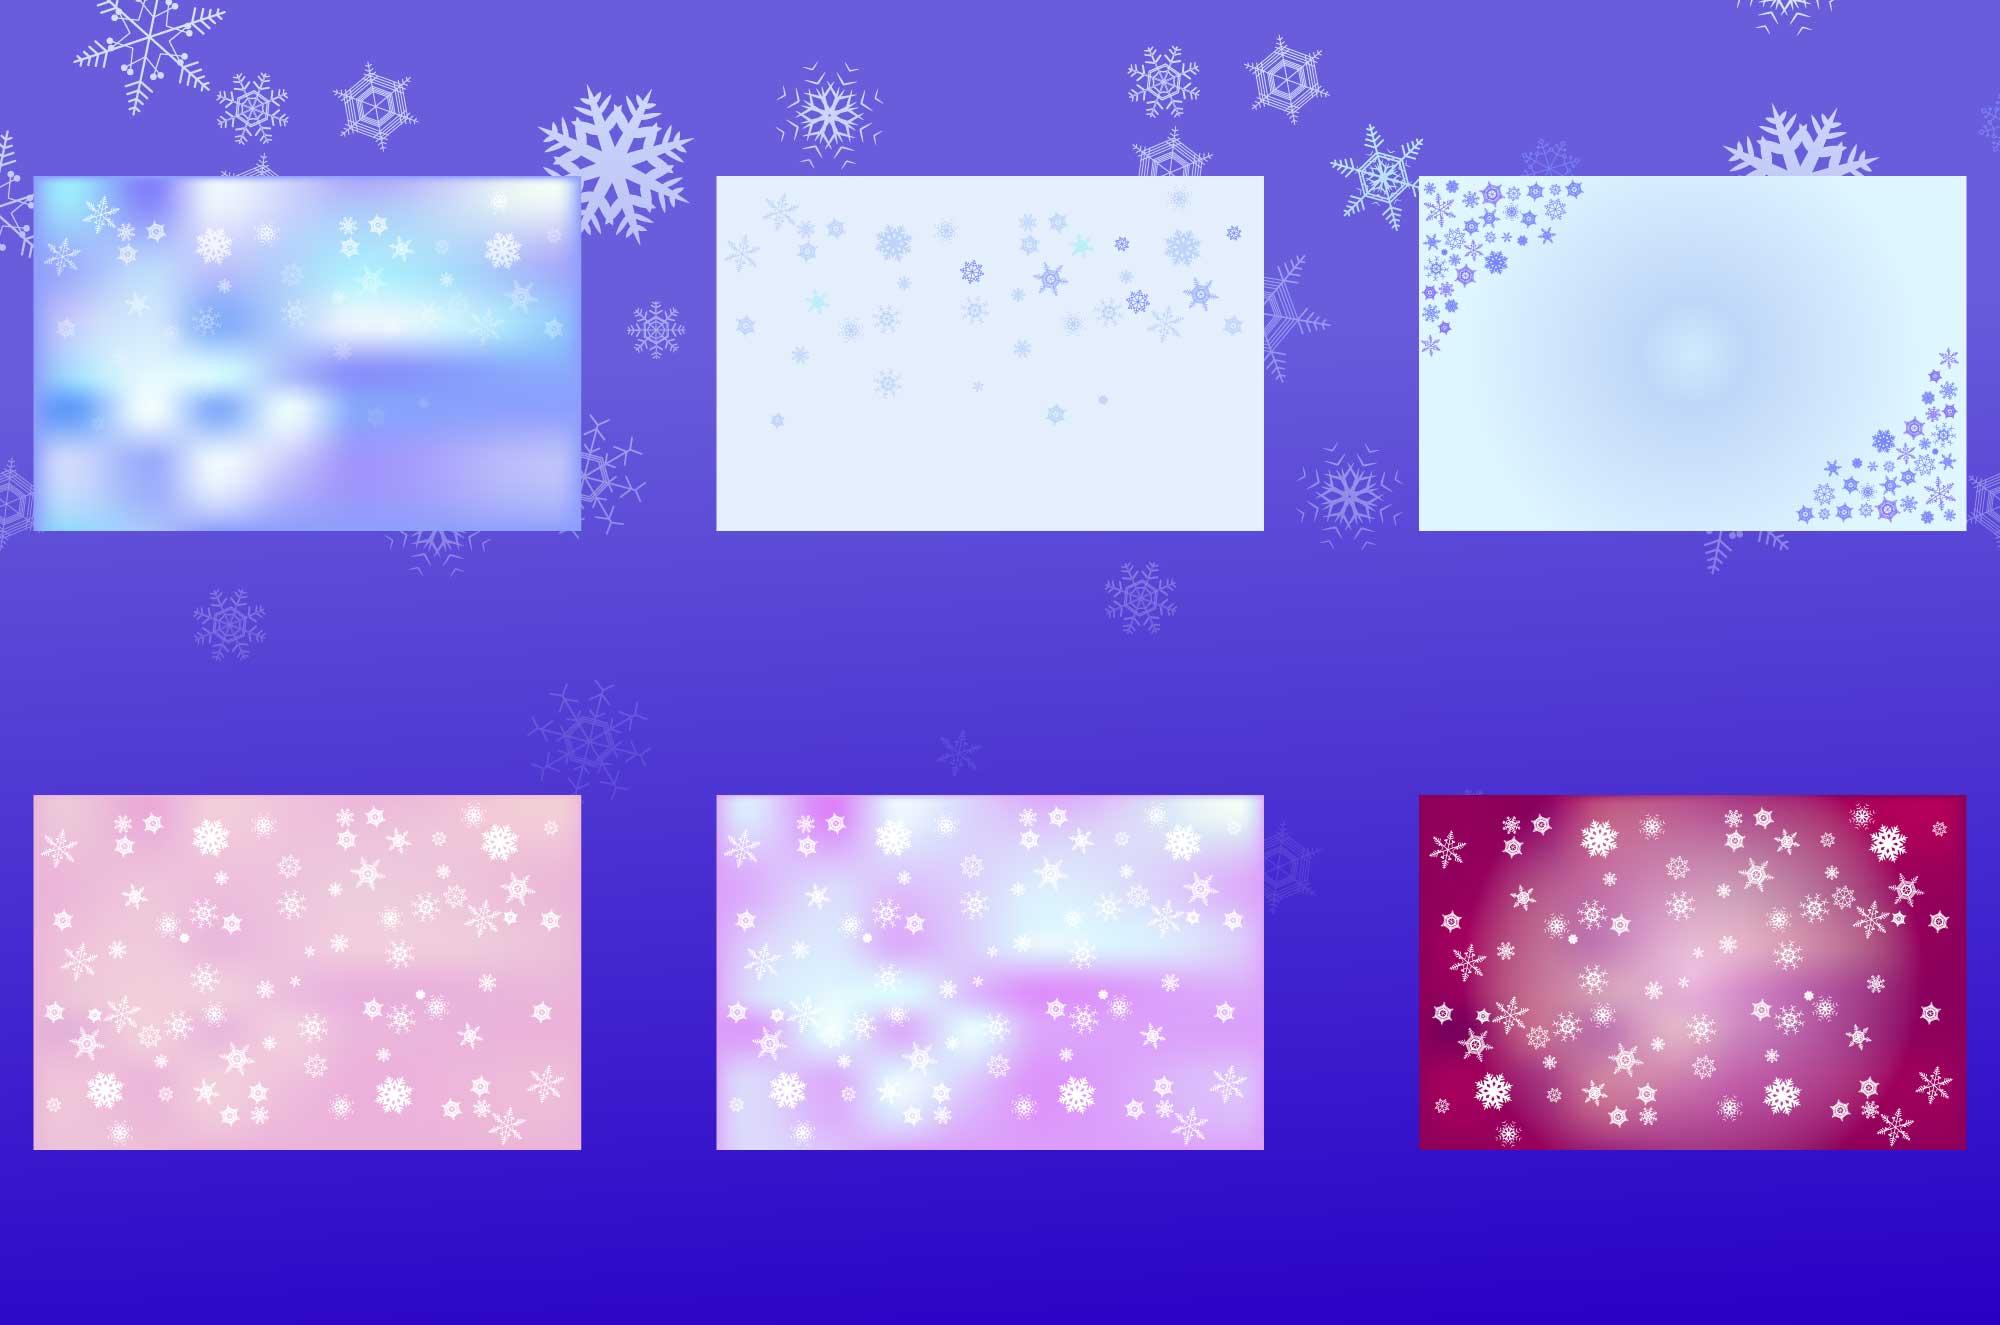 冬背景フリーイラスト - 雪の結晶のおしゃれな無料素材